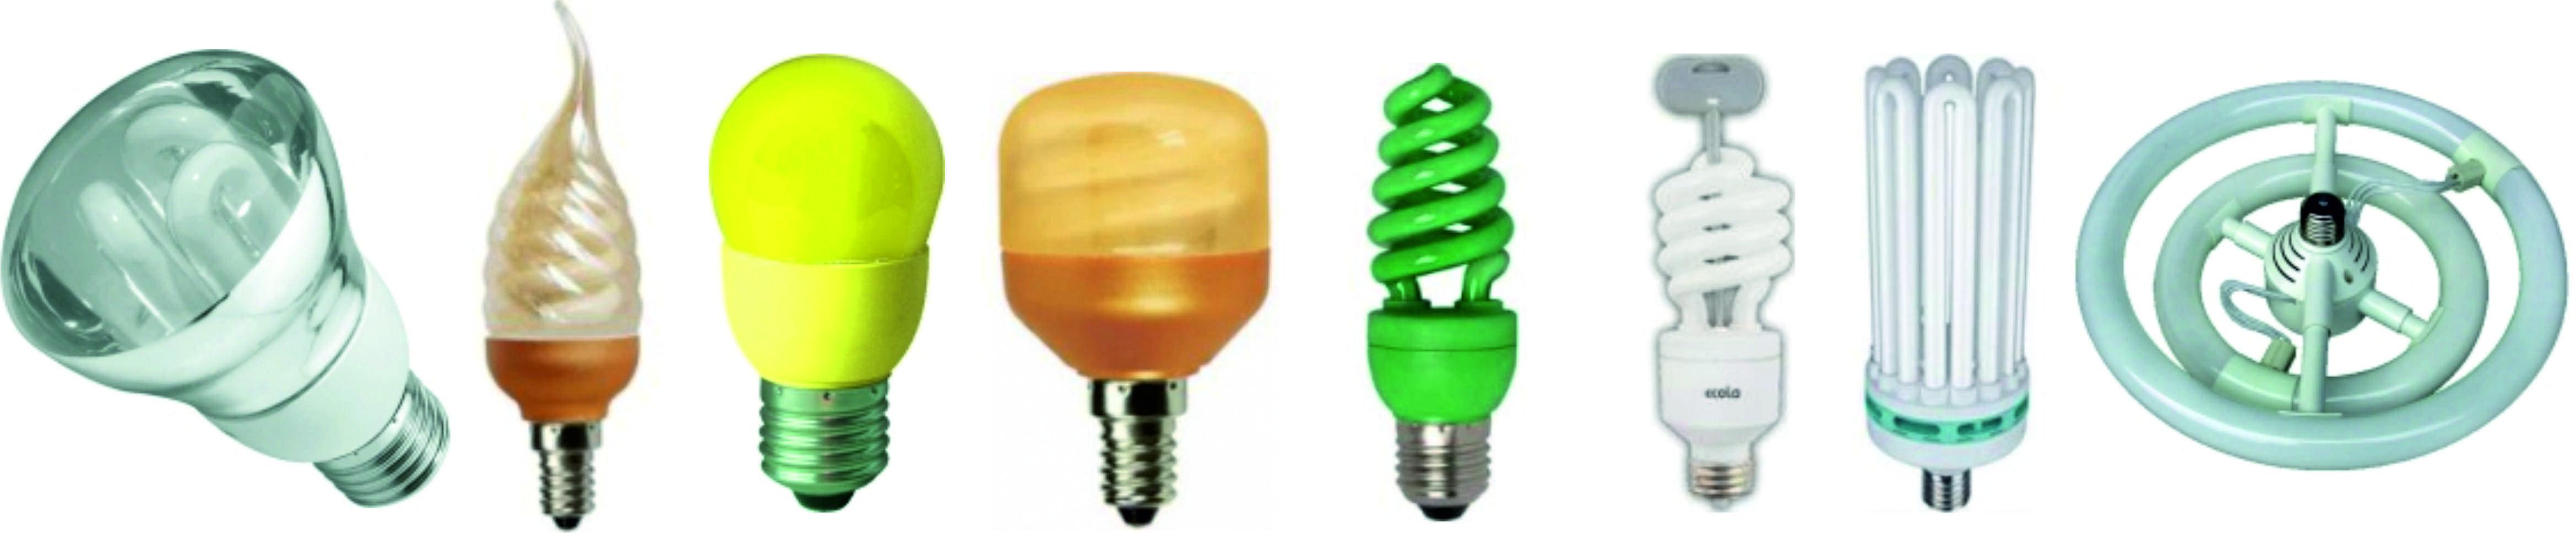 Многообразие люминесцентных ламп